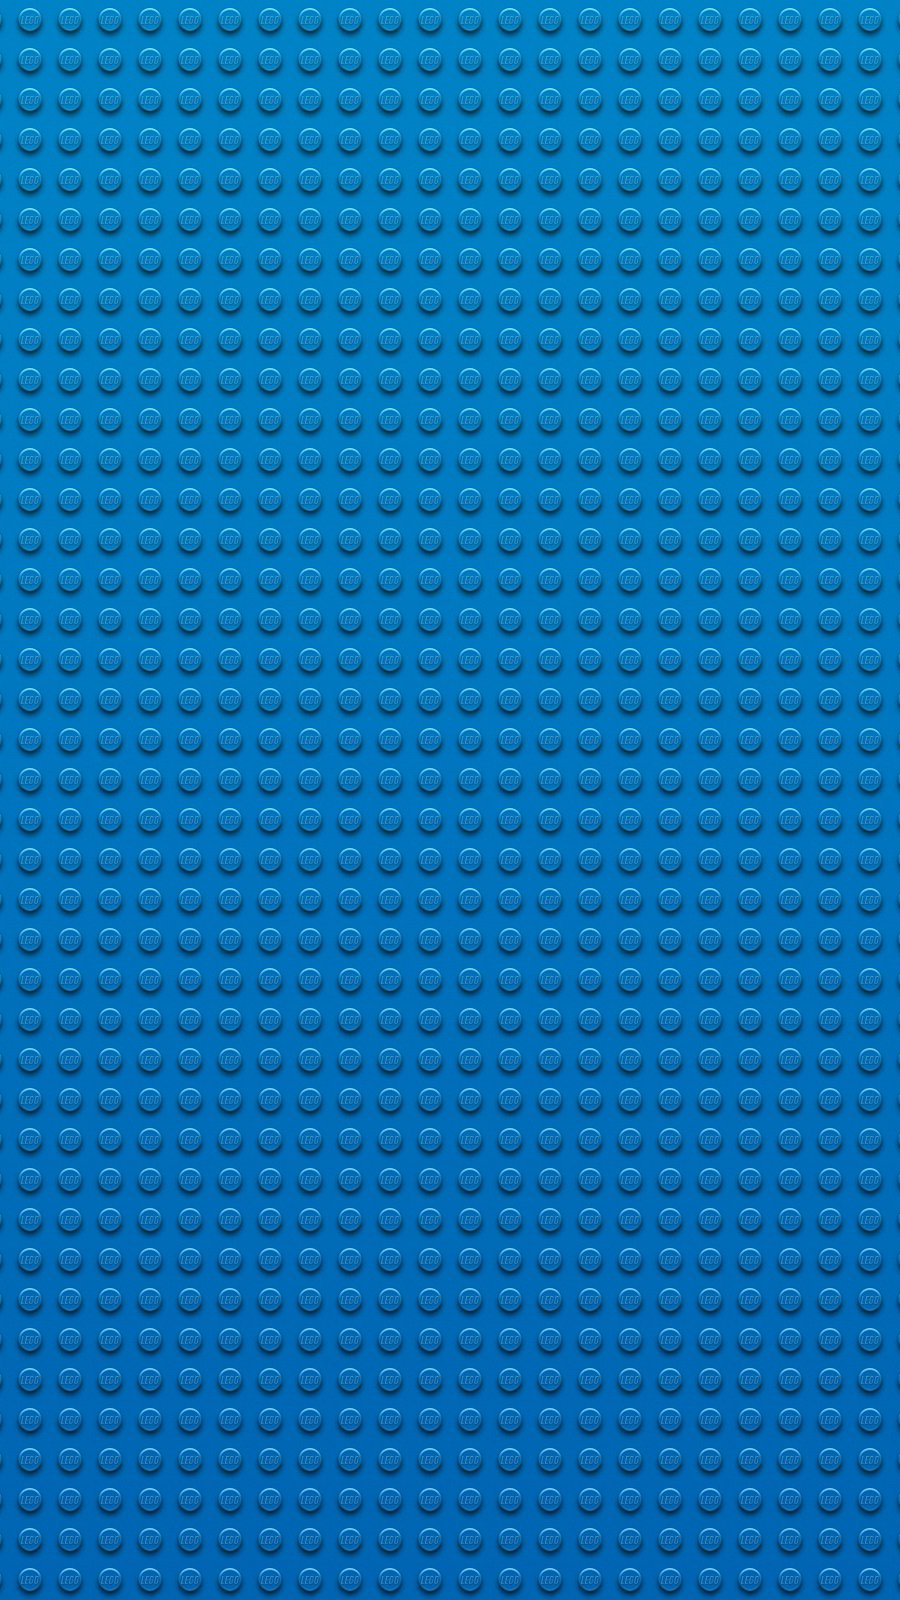 Wallpaper LEGO blue texture Vertical